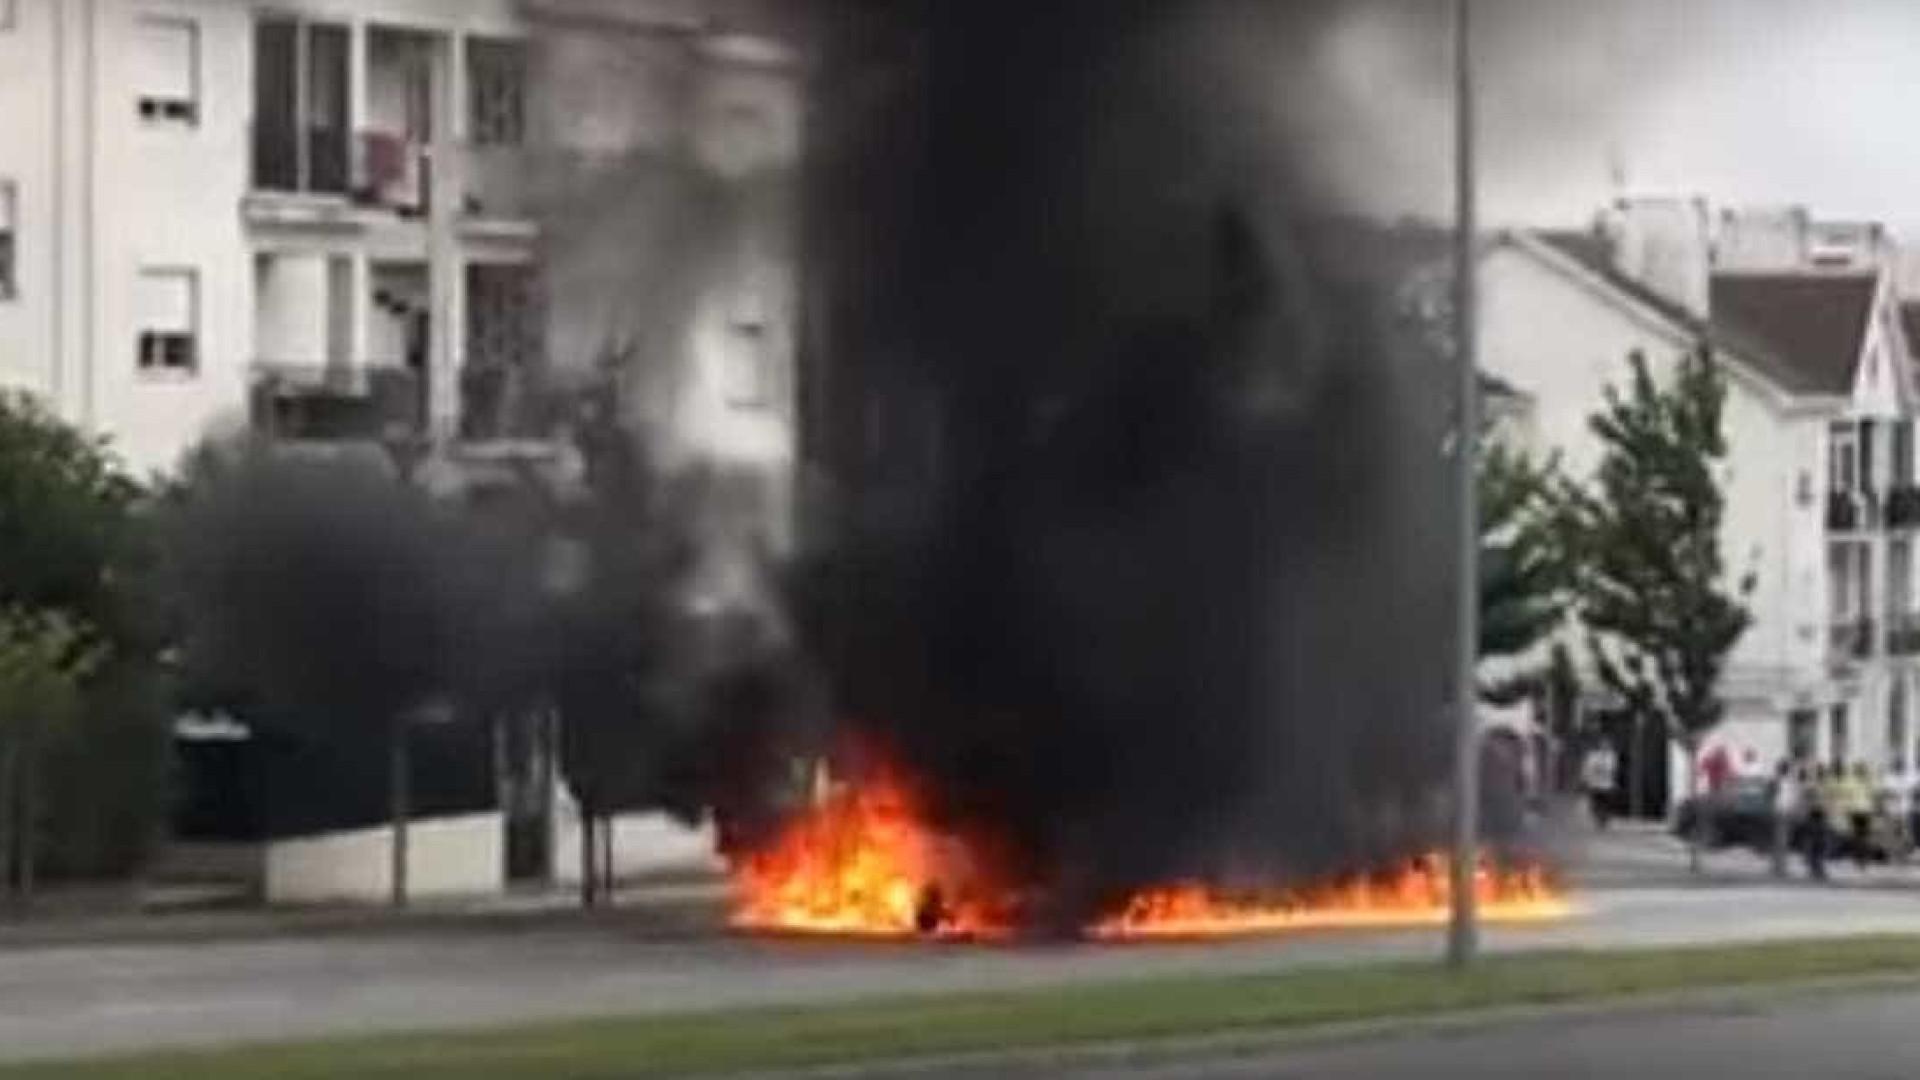 BMW consumido pelas chamas em Viseu